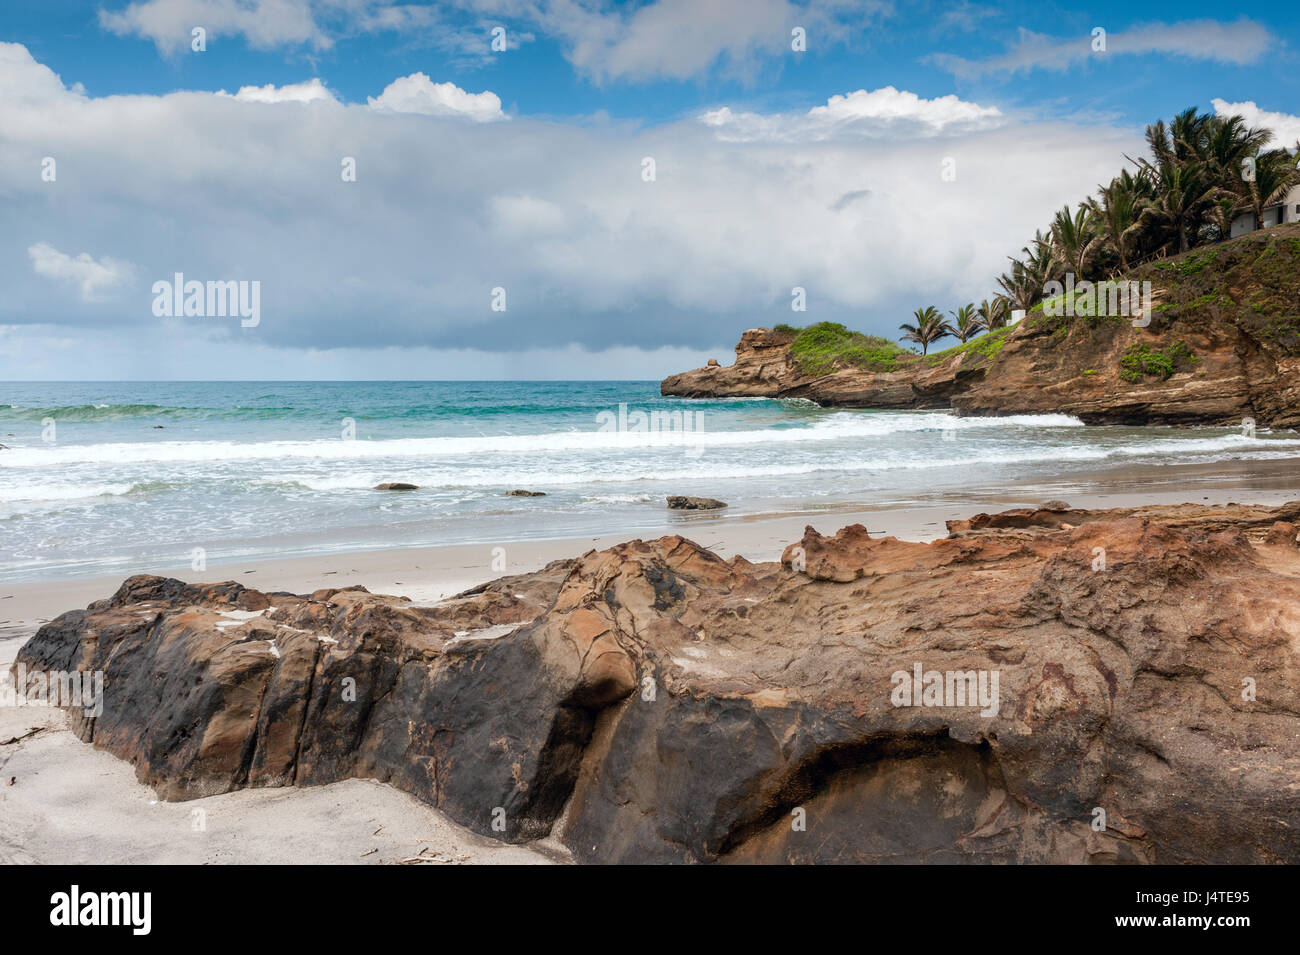 Charmant petit village de pêcheurs de la côte Pacifique Équatorienne, Mompiche Photo Stock